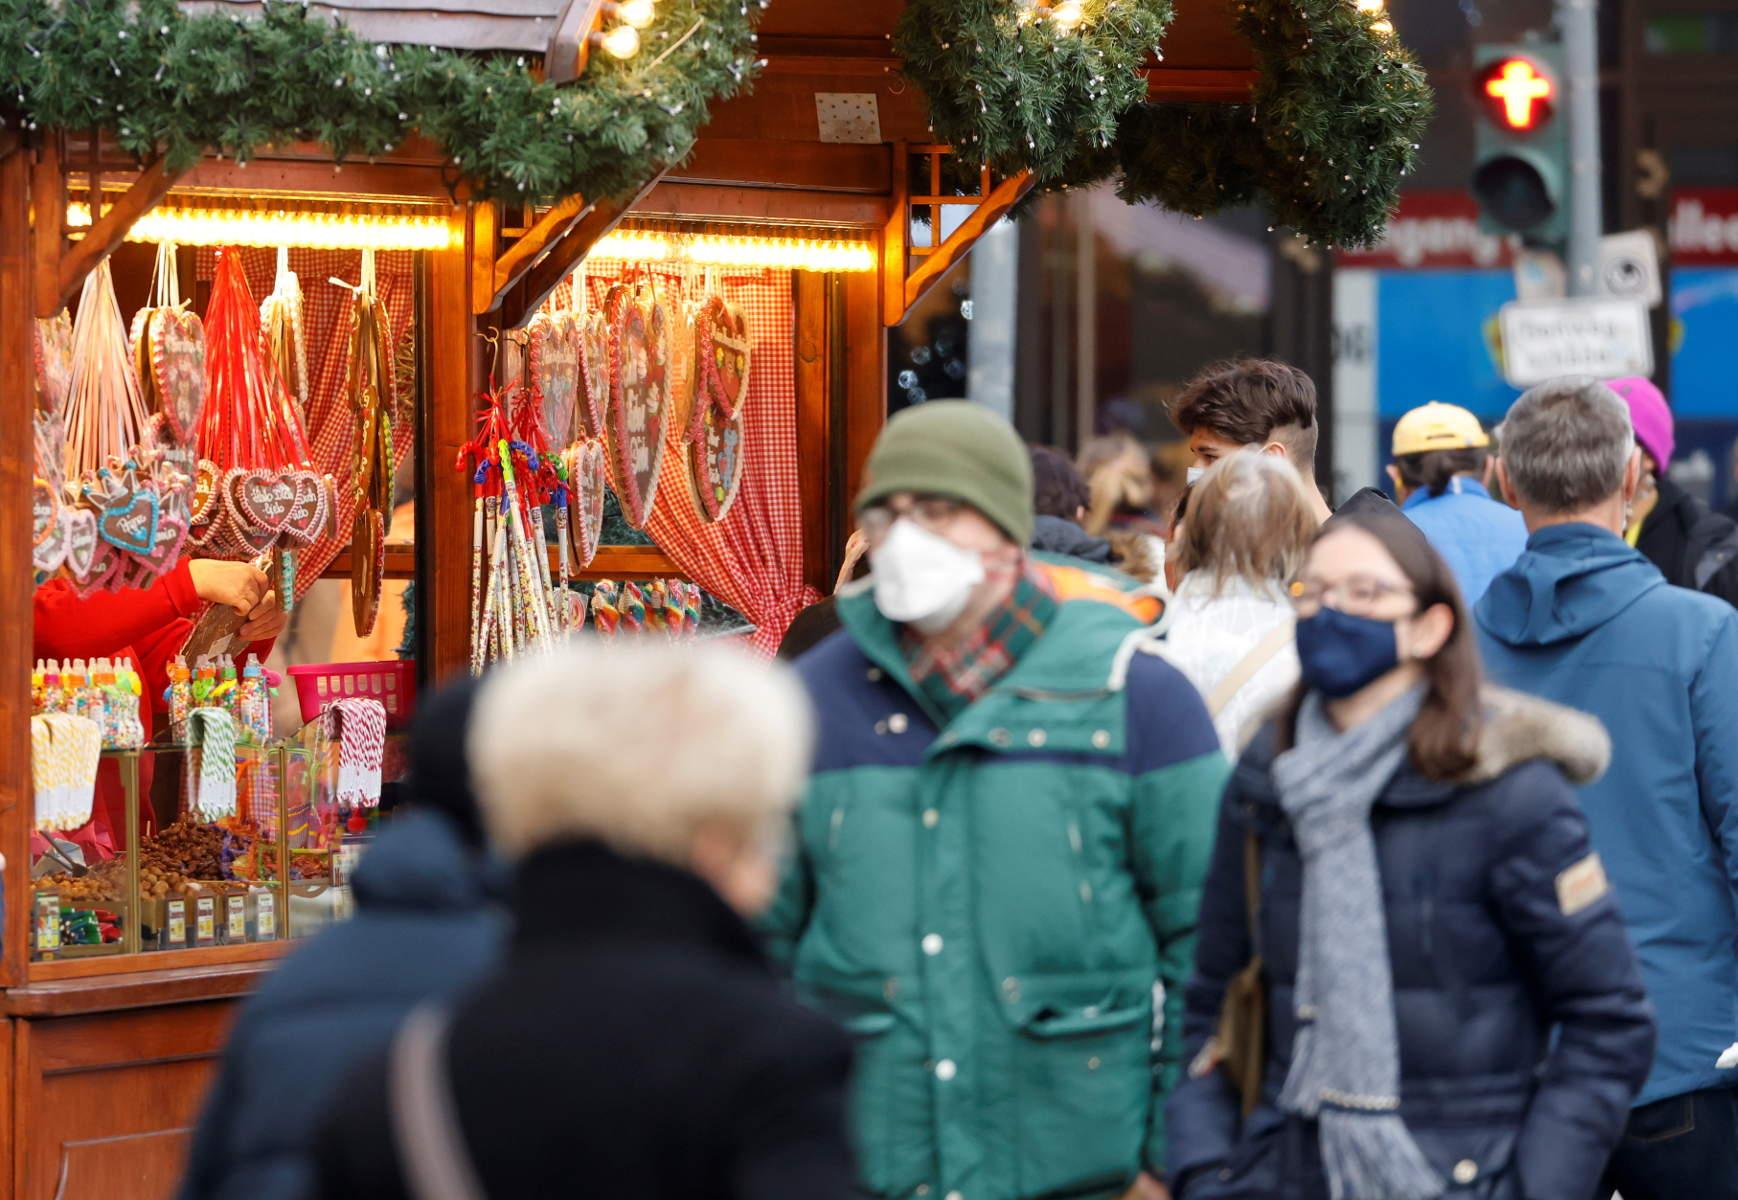 Γερμανία – Ινστιτούτο Ρόμπερτ Κοχ: Αυστηρή καραντίνα στις περιπτώσεις μετάλλαξης του κορονoϊού